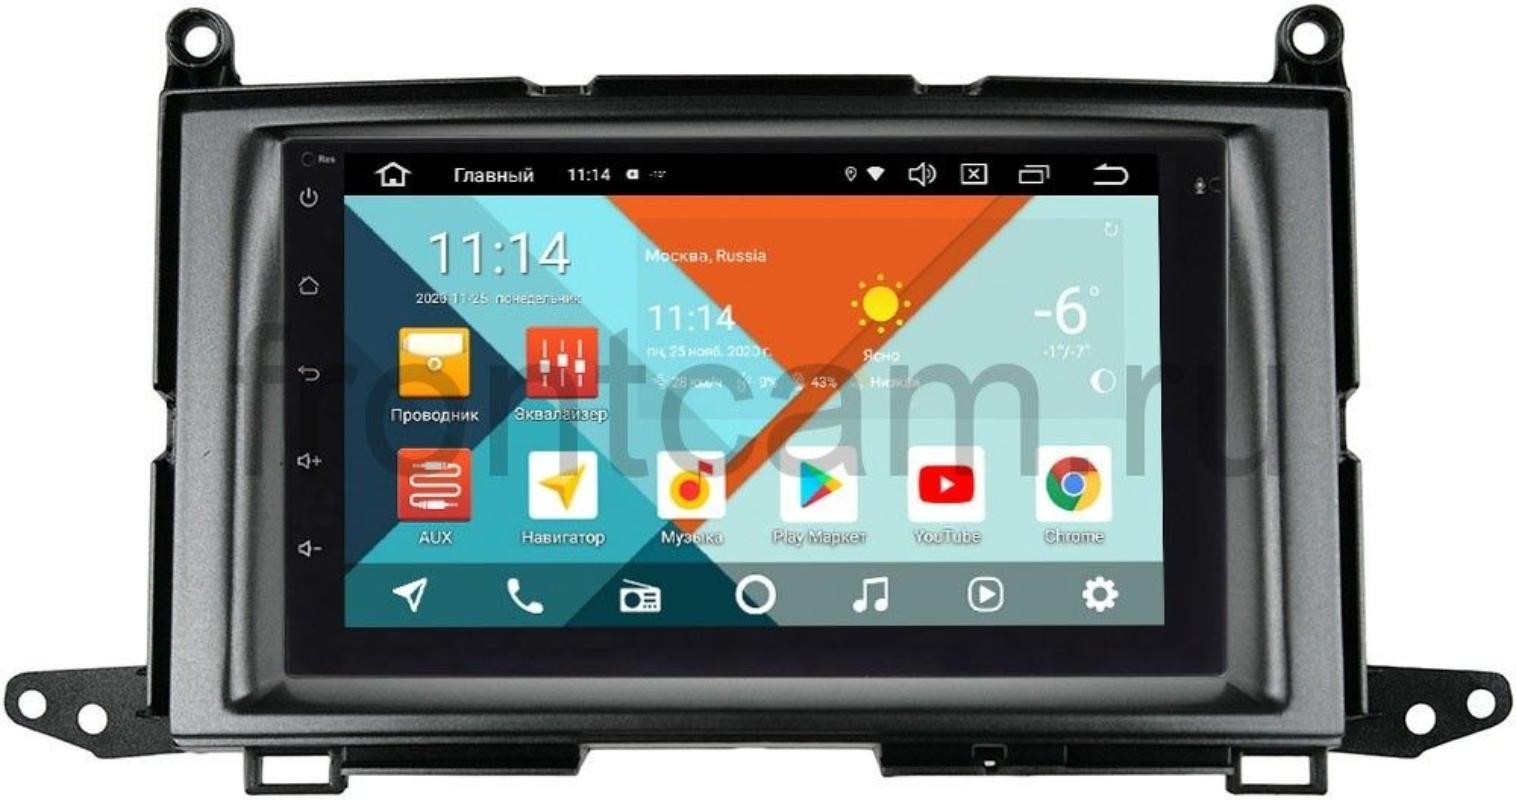 Магнитола для Toyota Venza 2009-2016 Wide Media KS7001QR-3/32-RP-TYVZ-132 на Android 10 (DSP CarPlay 4G-SIM) (+ Камера заднего вида в подарок!)